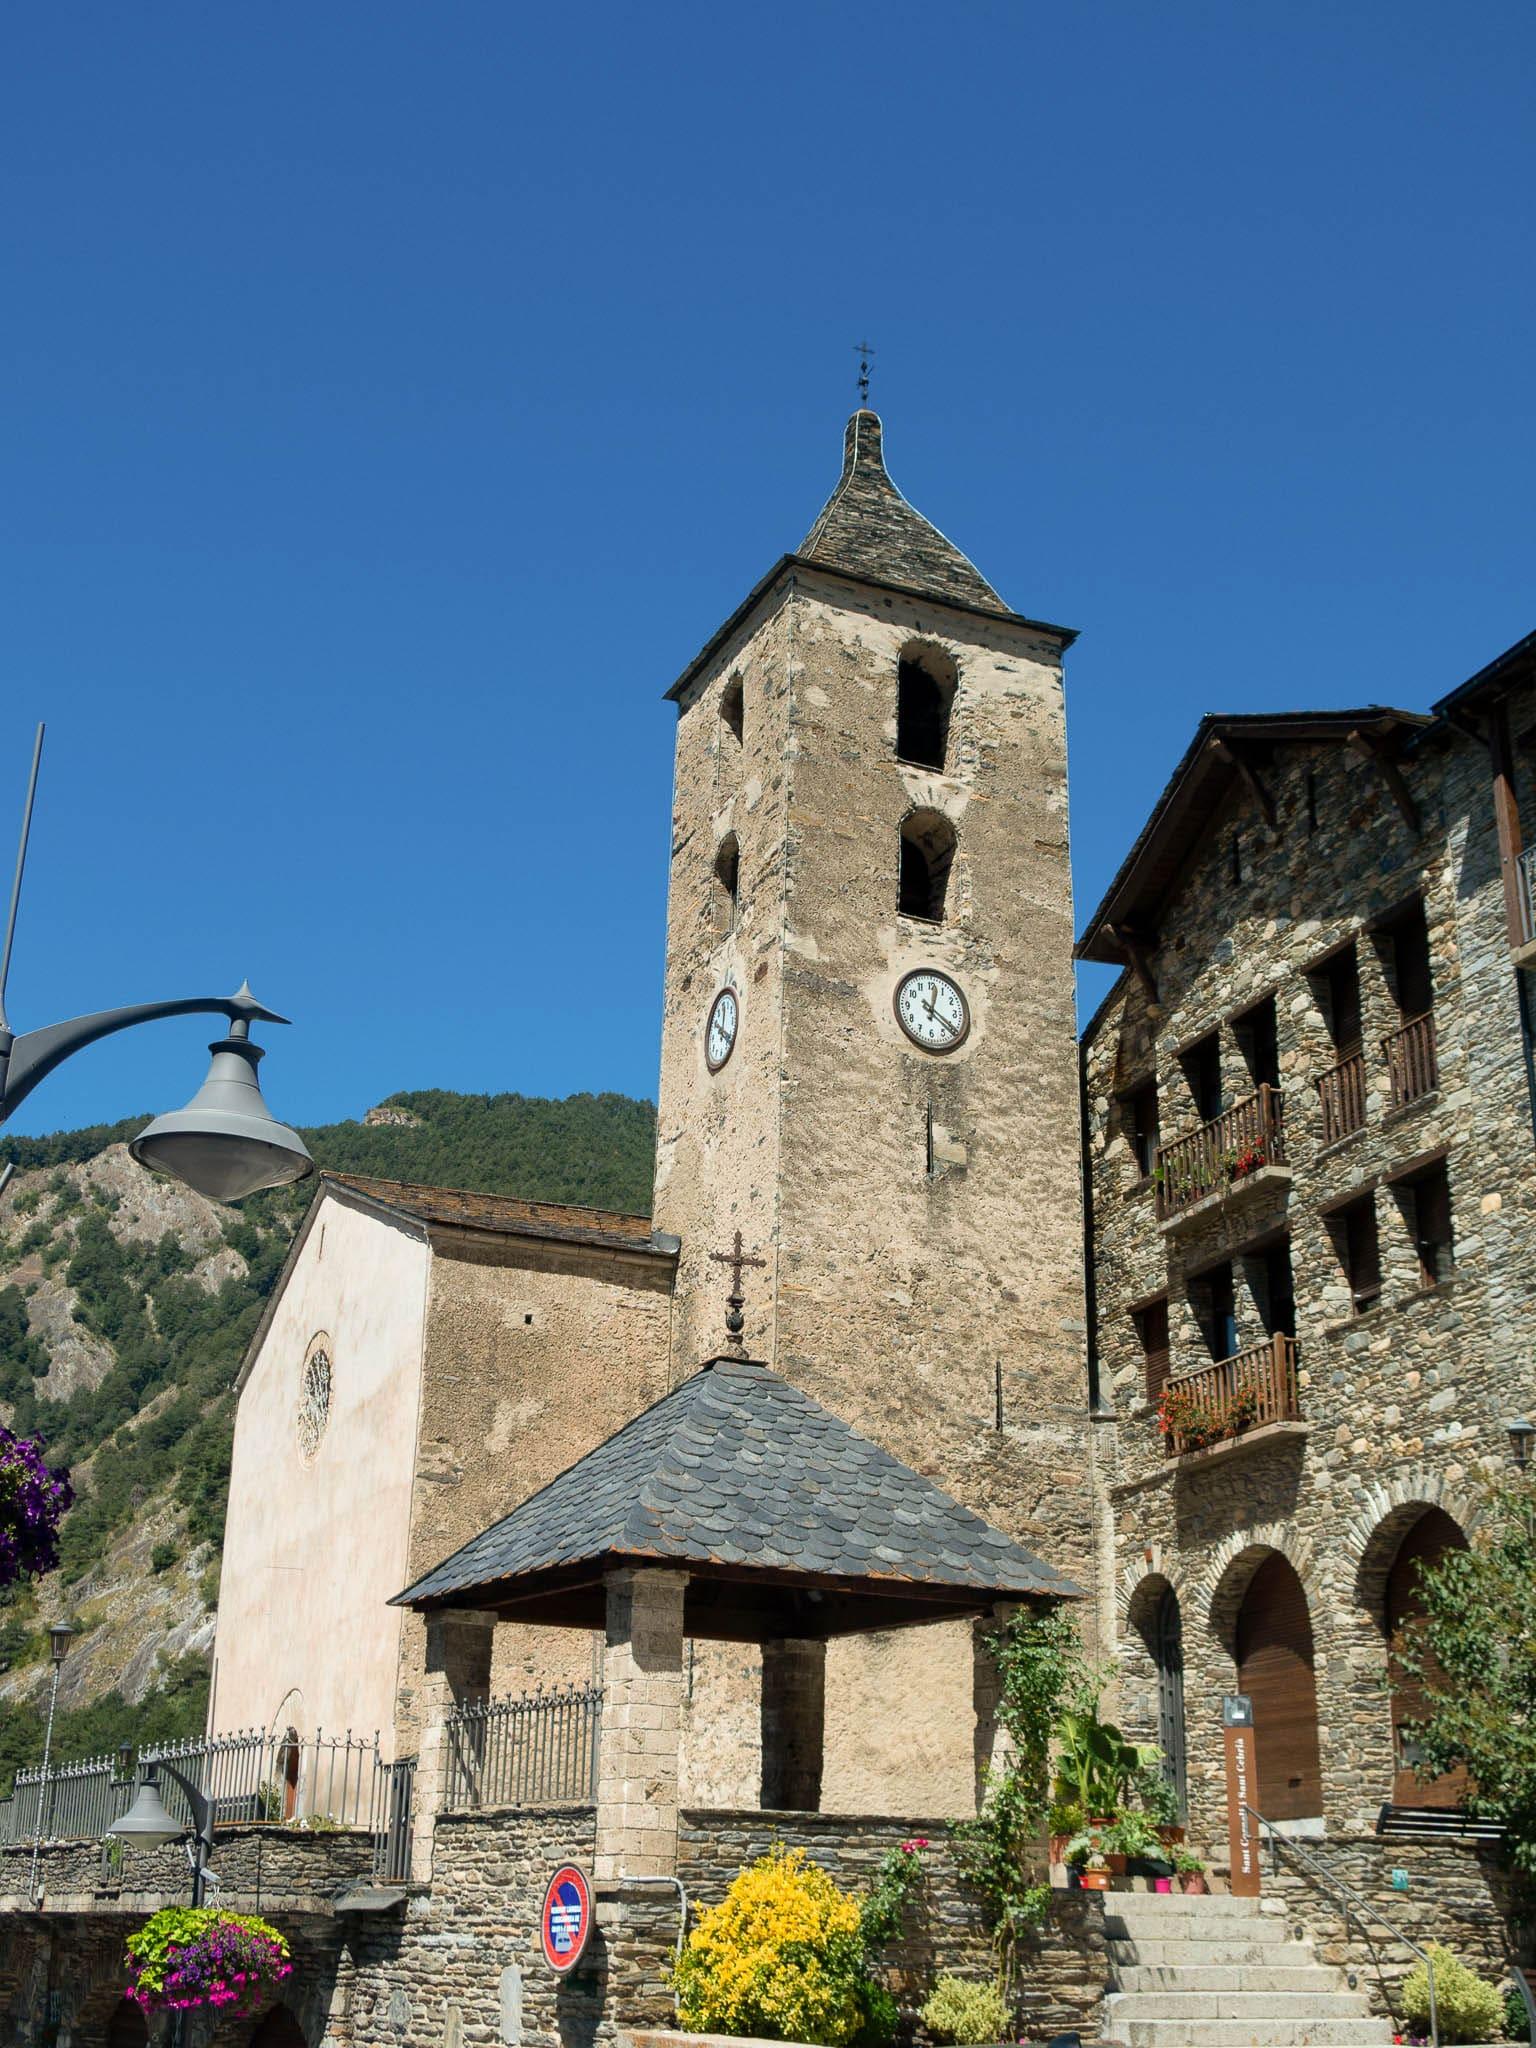 Kirche in Ordino in Andorra, Sant Corneli i Sant Cebria